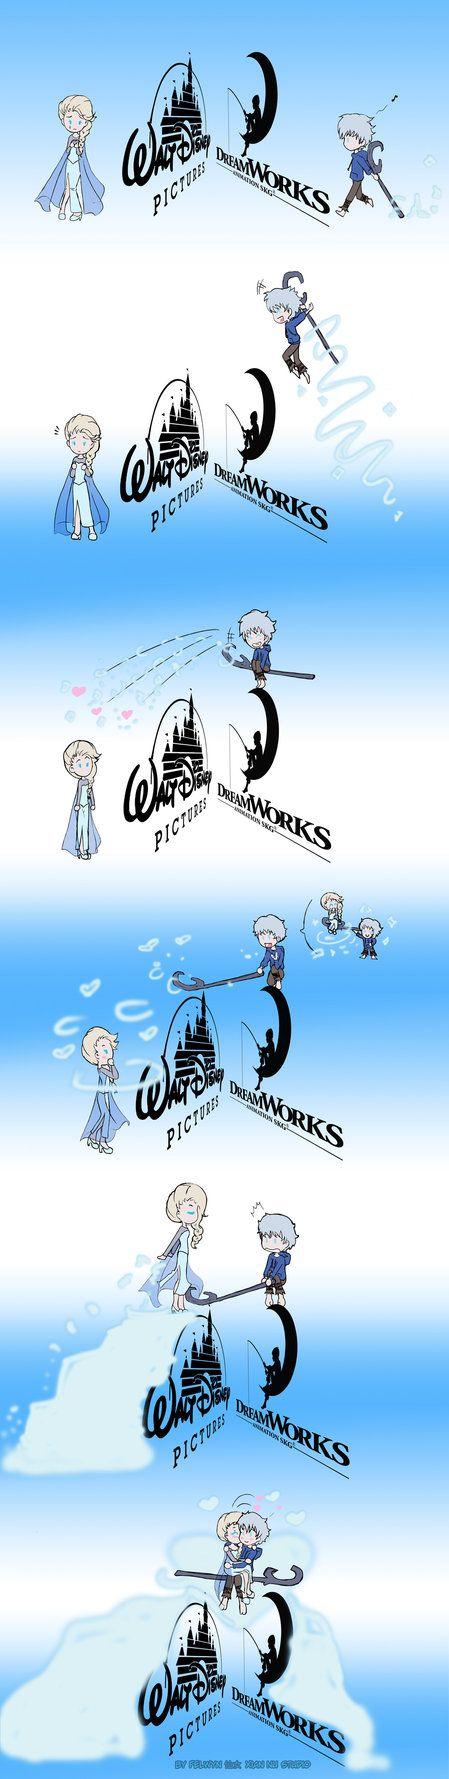 Fanart JELSA (Jack Frost & Elsa — El origen de los Guardianes & Frozen). La única frontera entre estos personajes la marca las compañias, no los fans. Para el fandom, El...